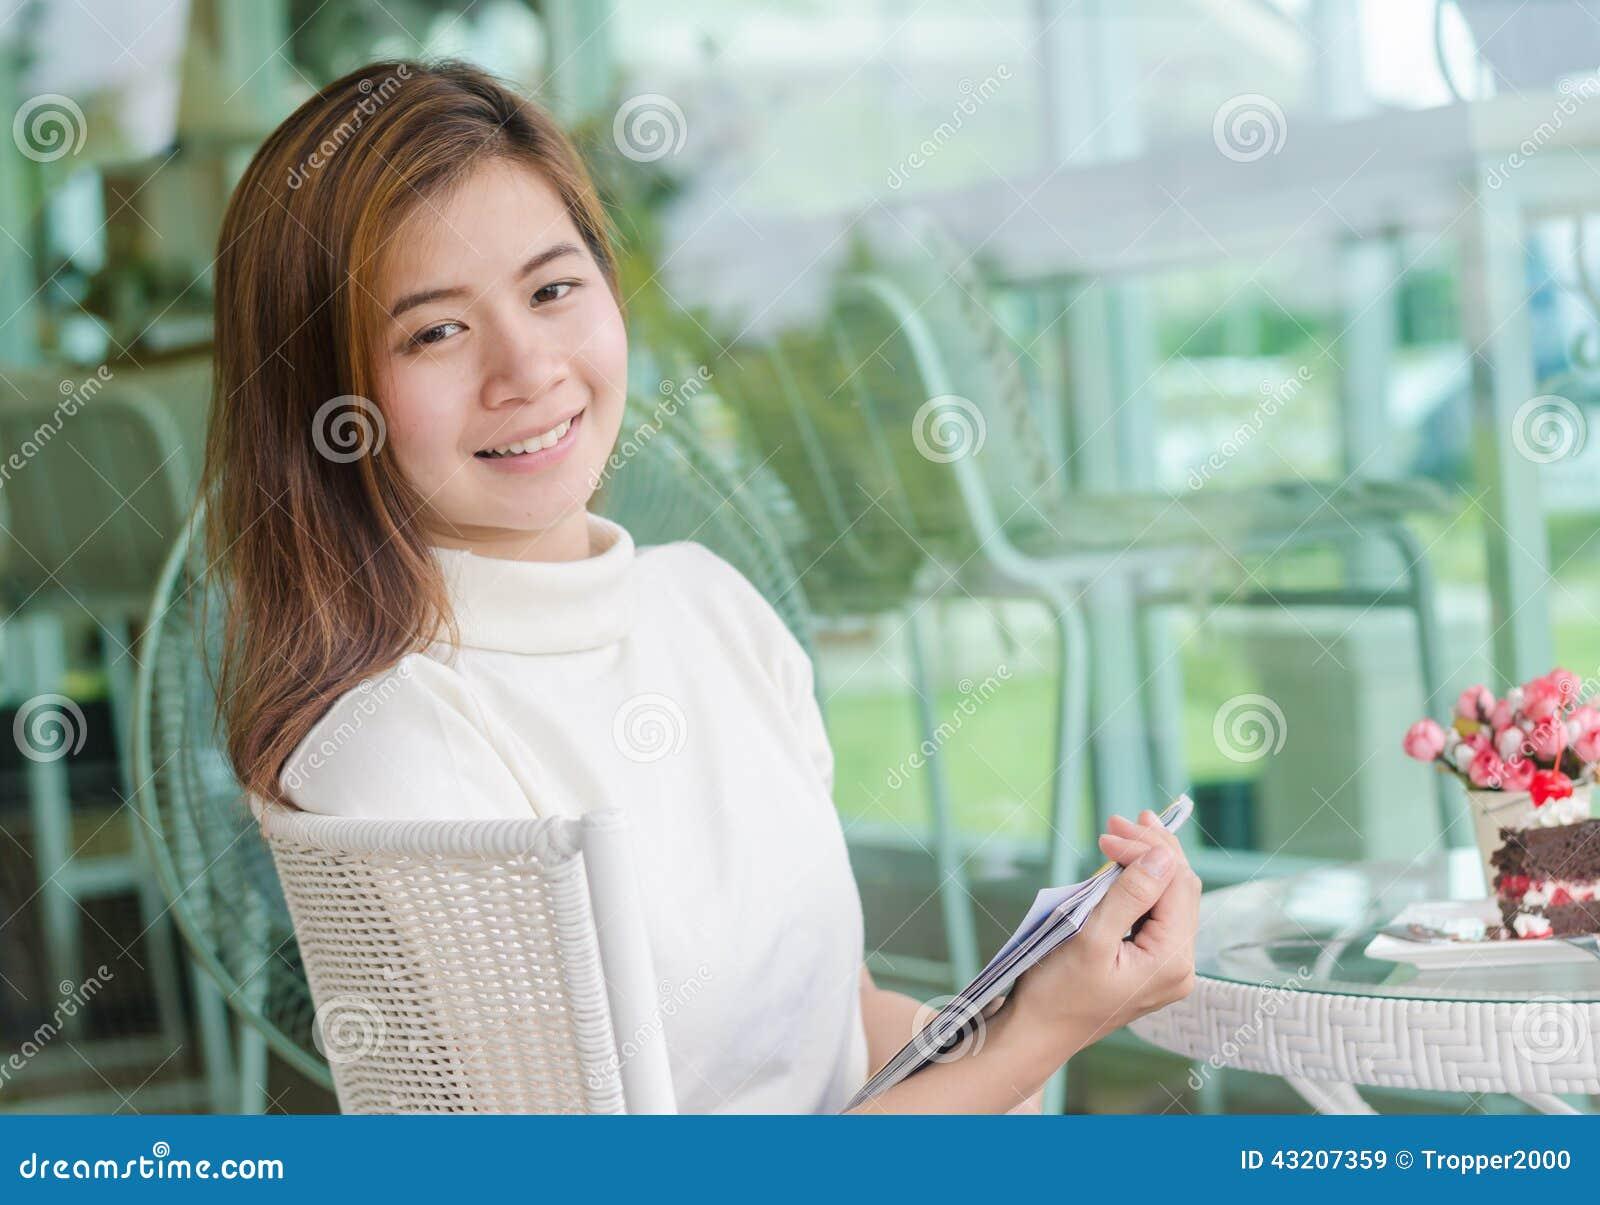 Download Asiatisk härlig kvinna fotografering för bildbyråer. Bild av framsida - 43207359